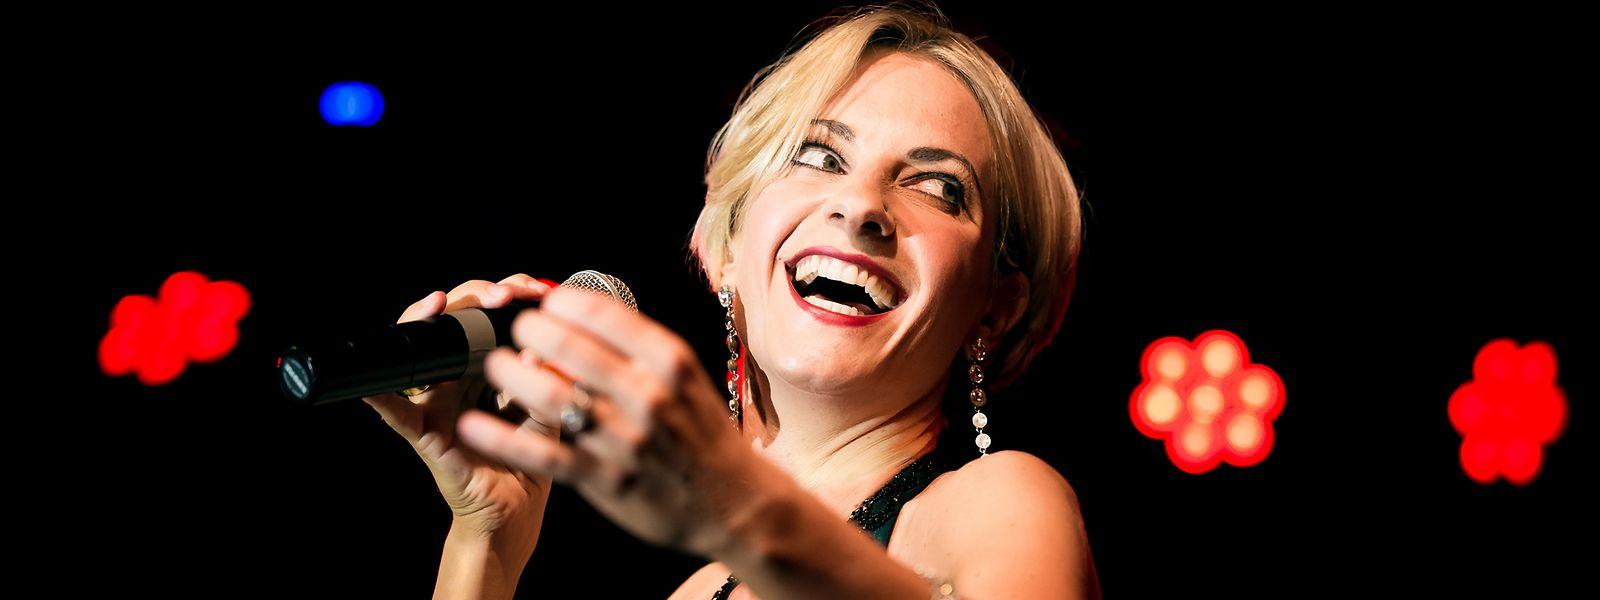 """Wer Adrienne Haan am Mittwoch mit ihrer Show """"Till The End Of Time"""" in der Philharmonie verpassen sollte: Sie ist in diesem Jahr noch zwei Mal zu Gast in Luxemburg, unter anderem am 25. Juli im """"Jardin de Wiltz"""" mit dem Programm """"Cabaret Français""""."""